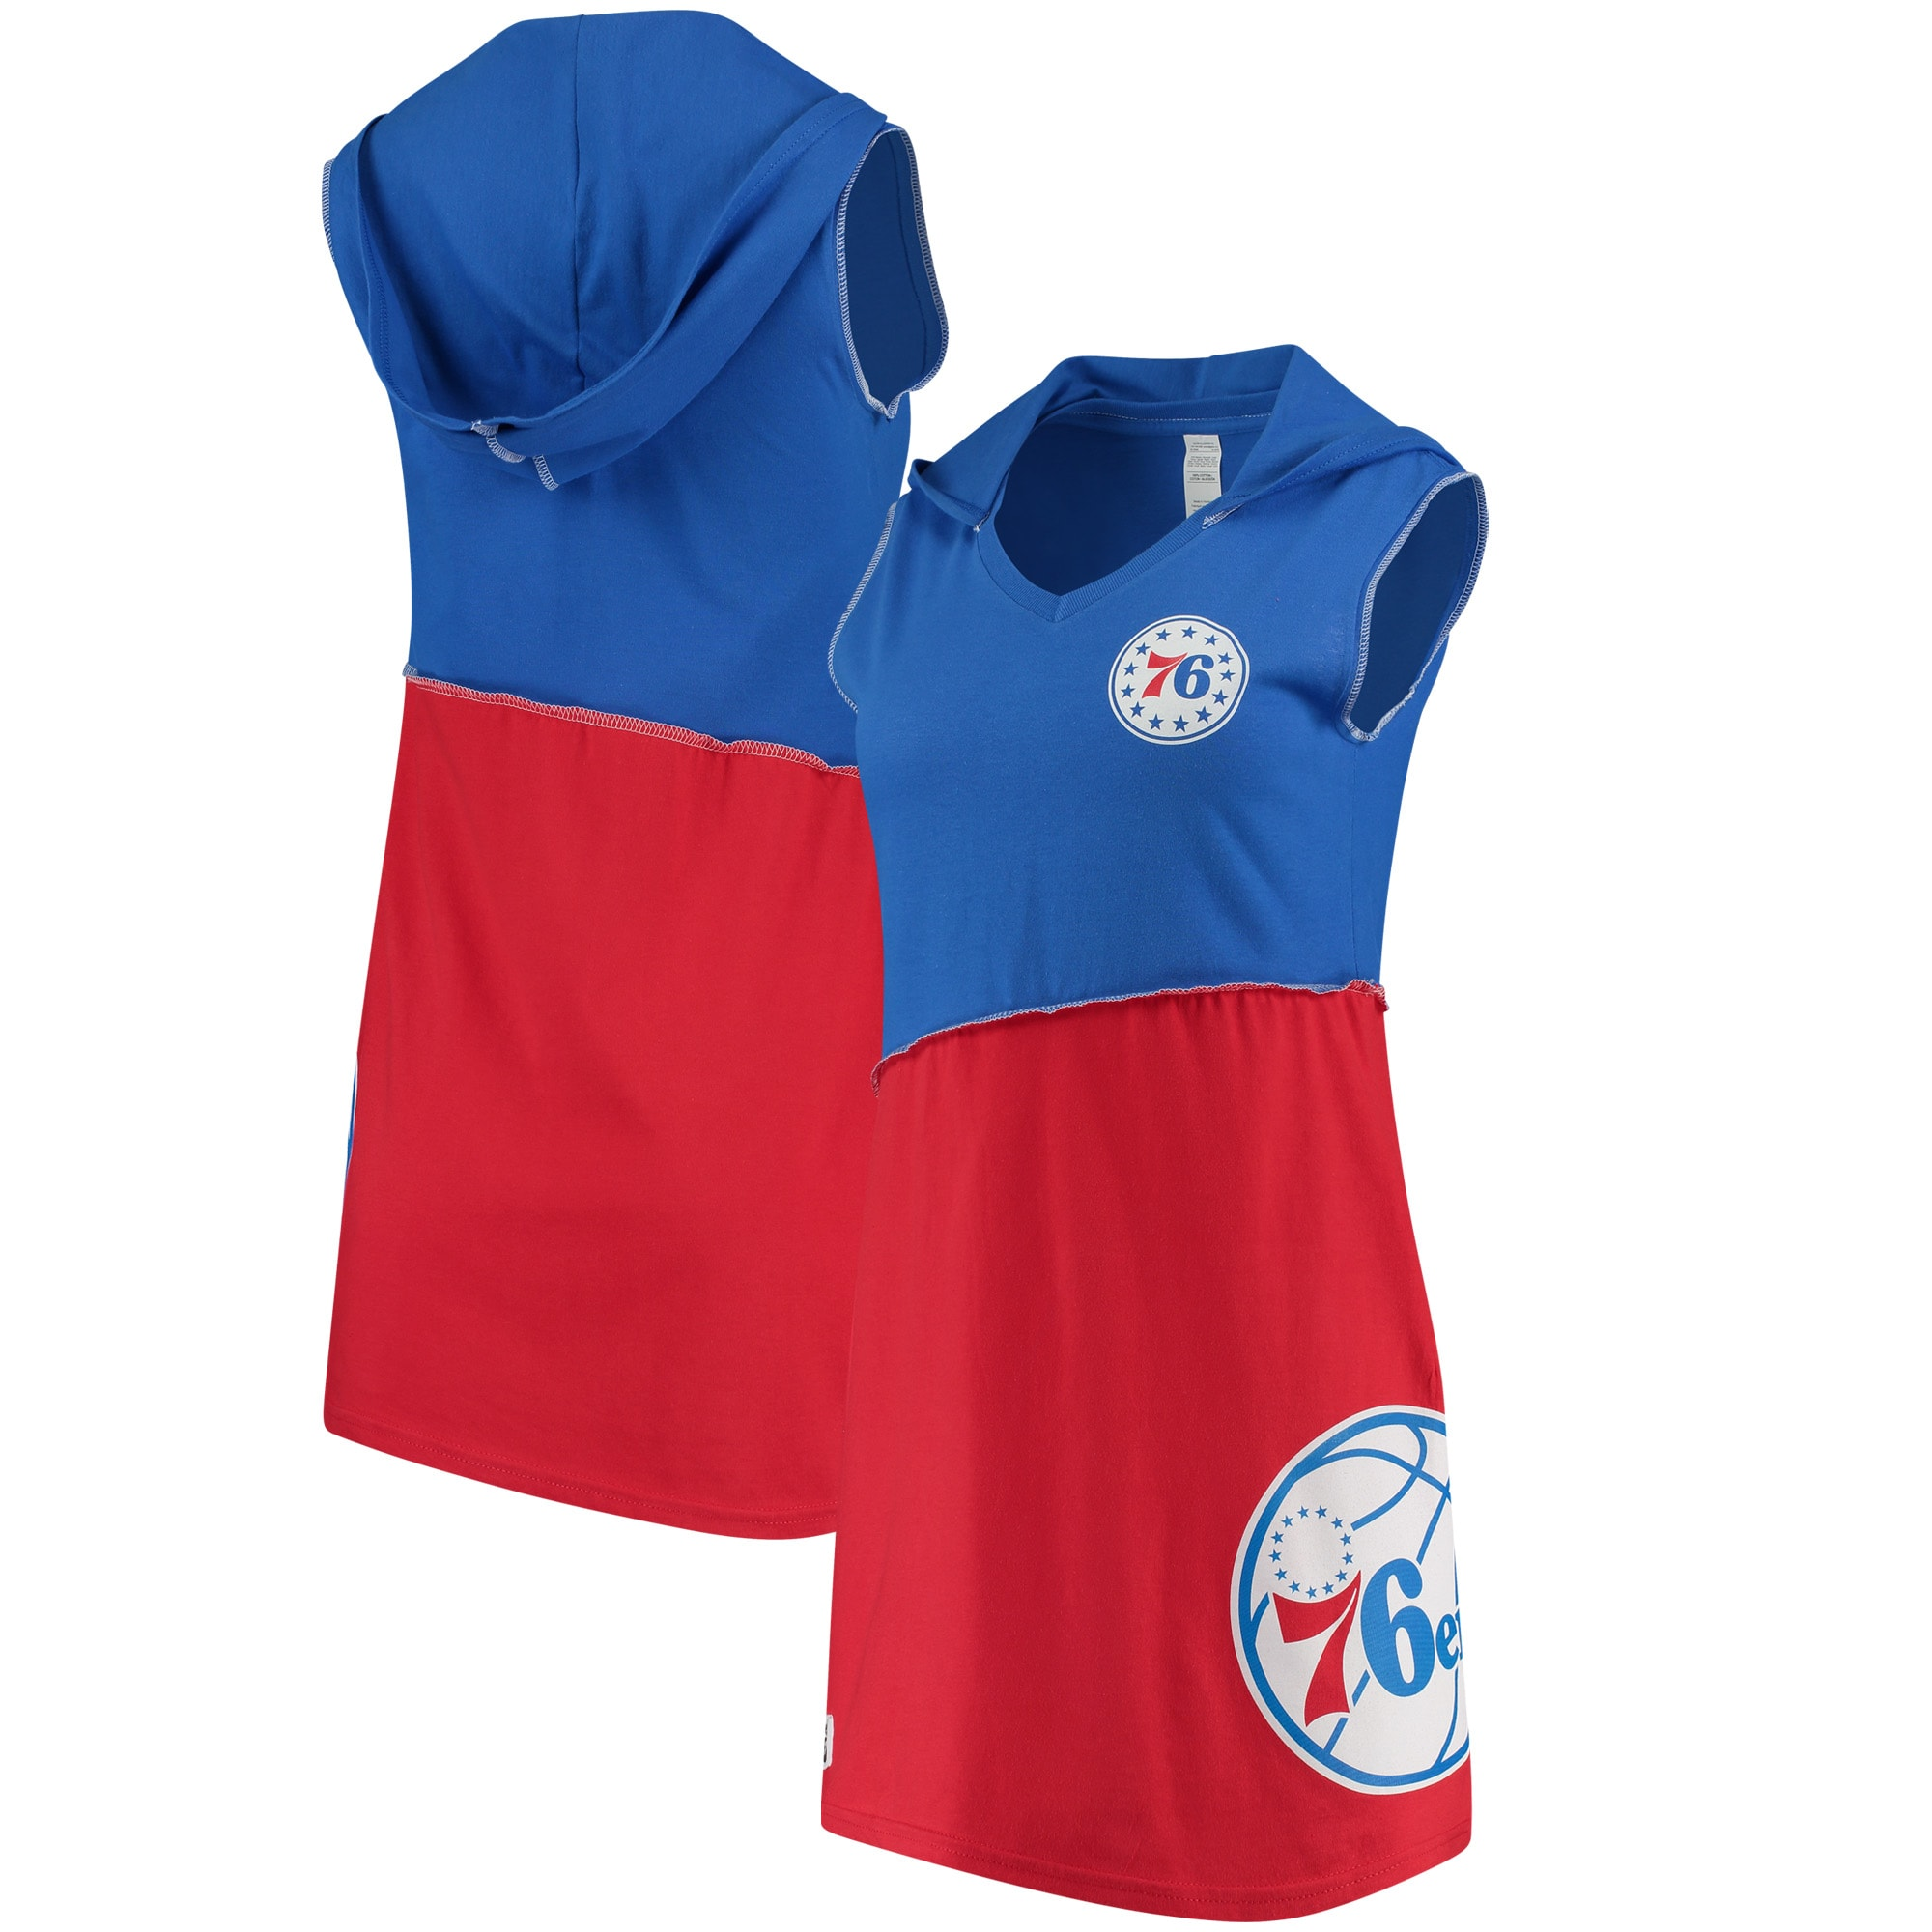 Philadelphia 76ers Refried Tees Women's Hooded Sleeveless Dress - Royal/Red